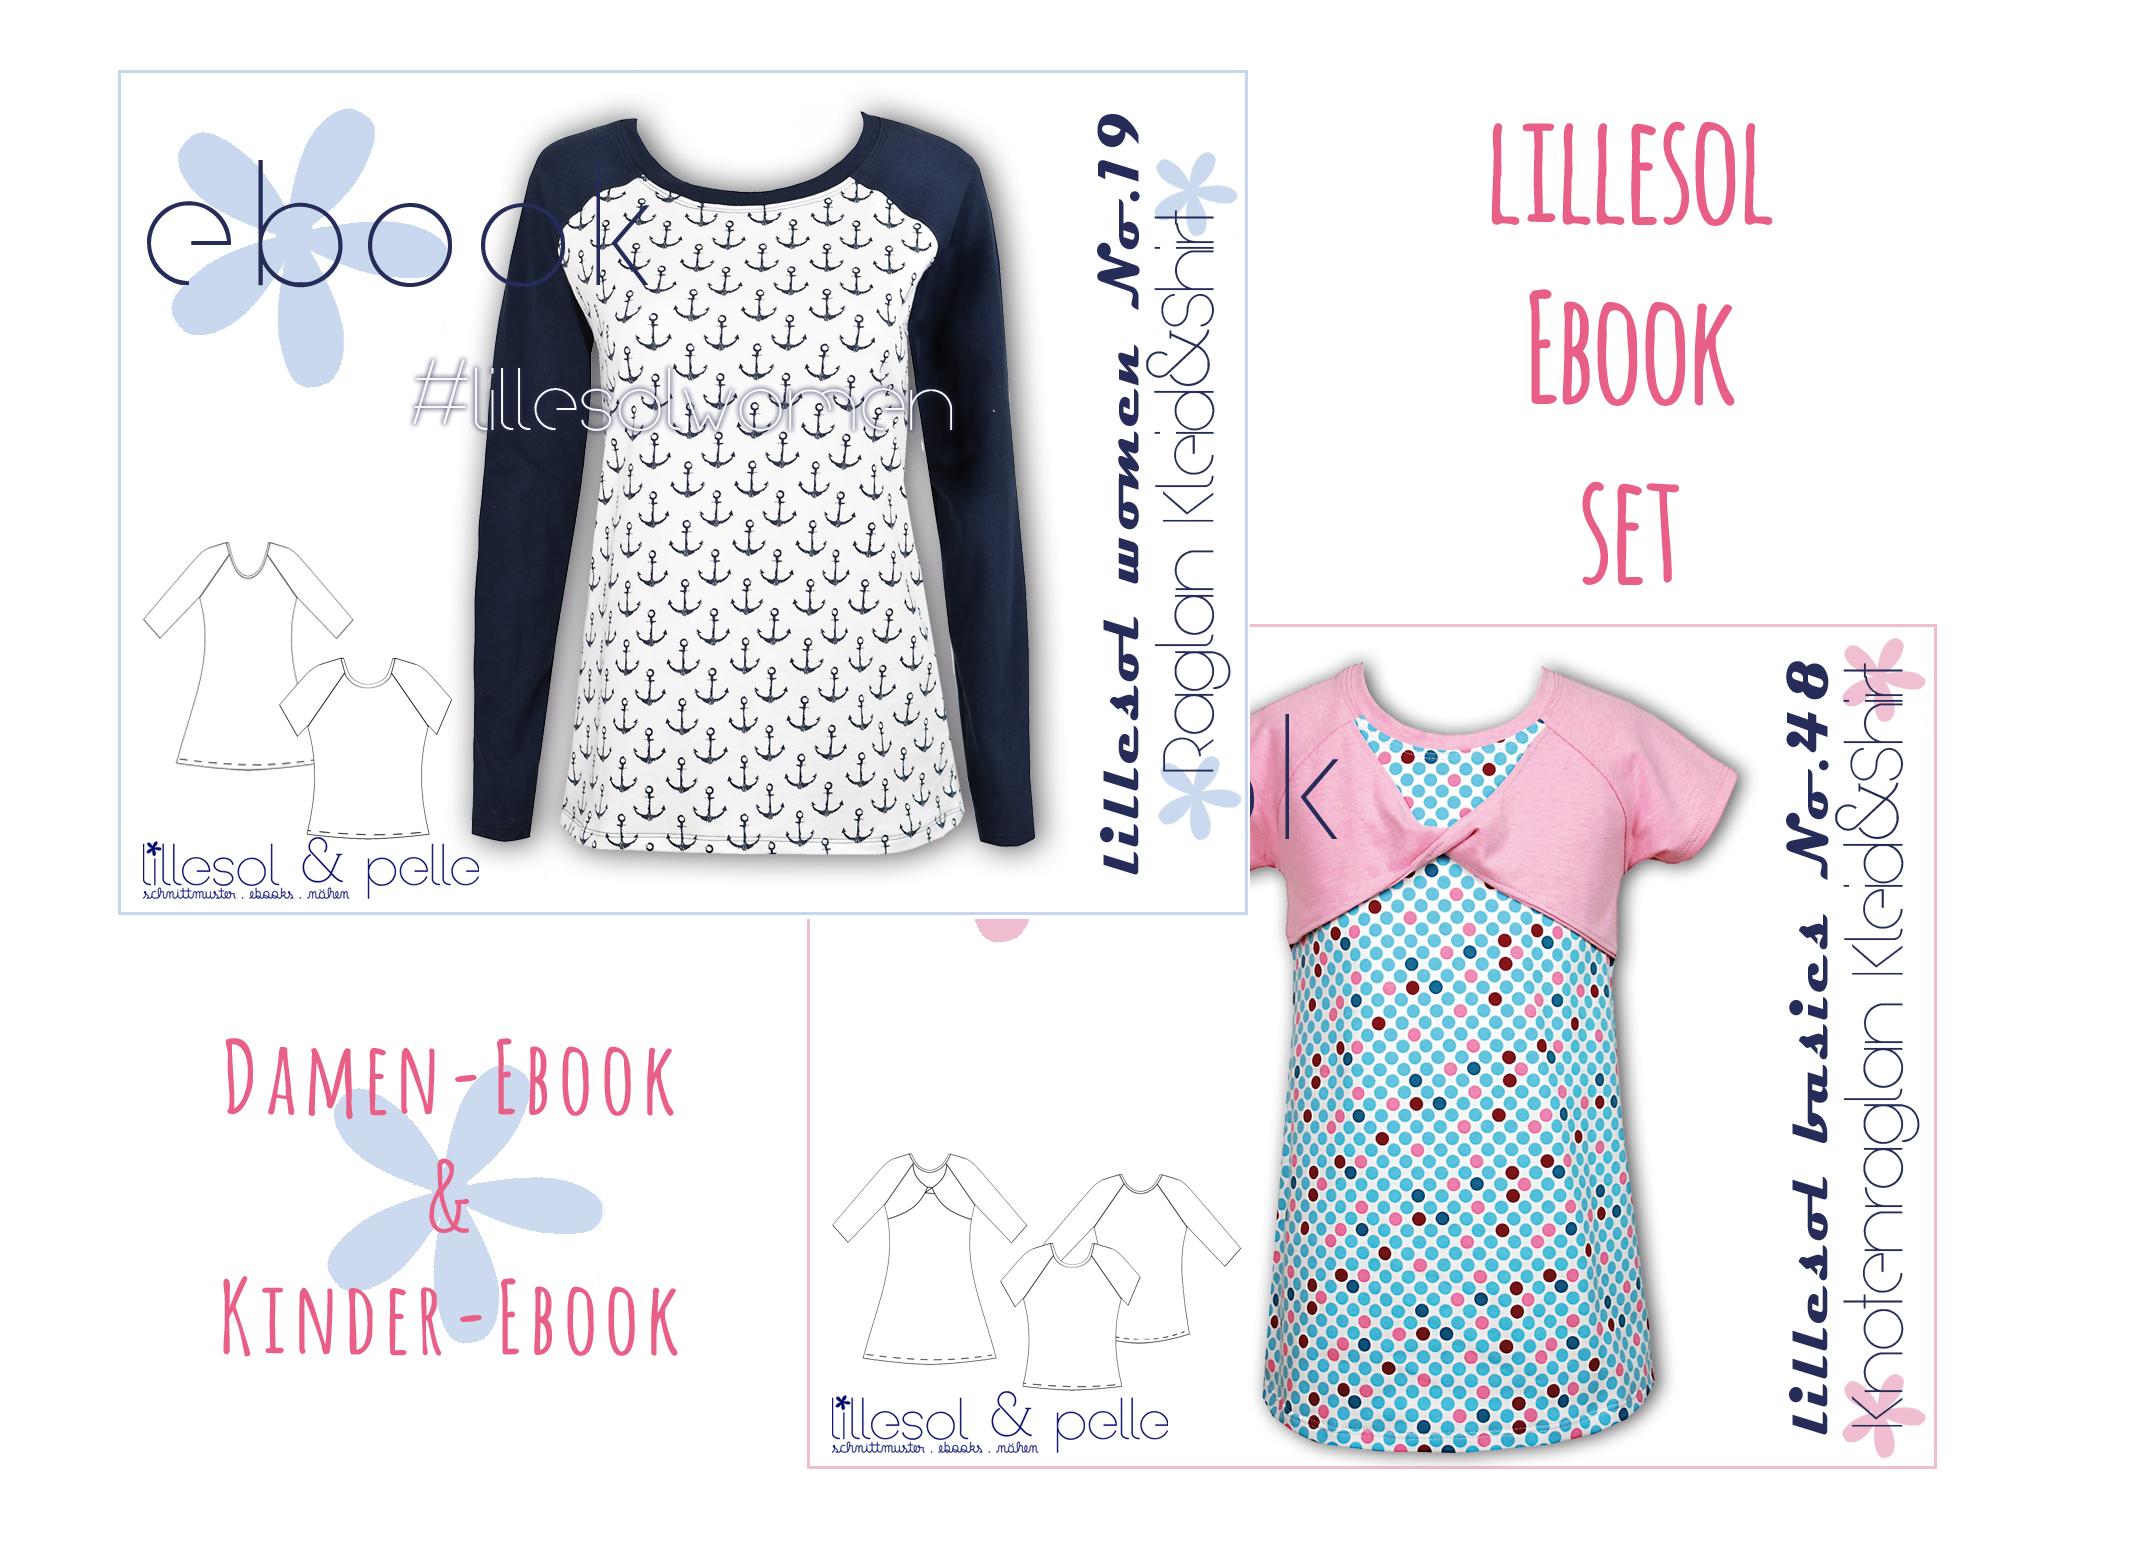 Schnittmuster EBook nähen Raglanshirt Raglankleid, Raglan für Damen und Kinder